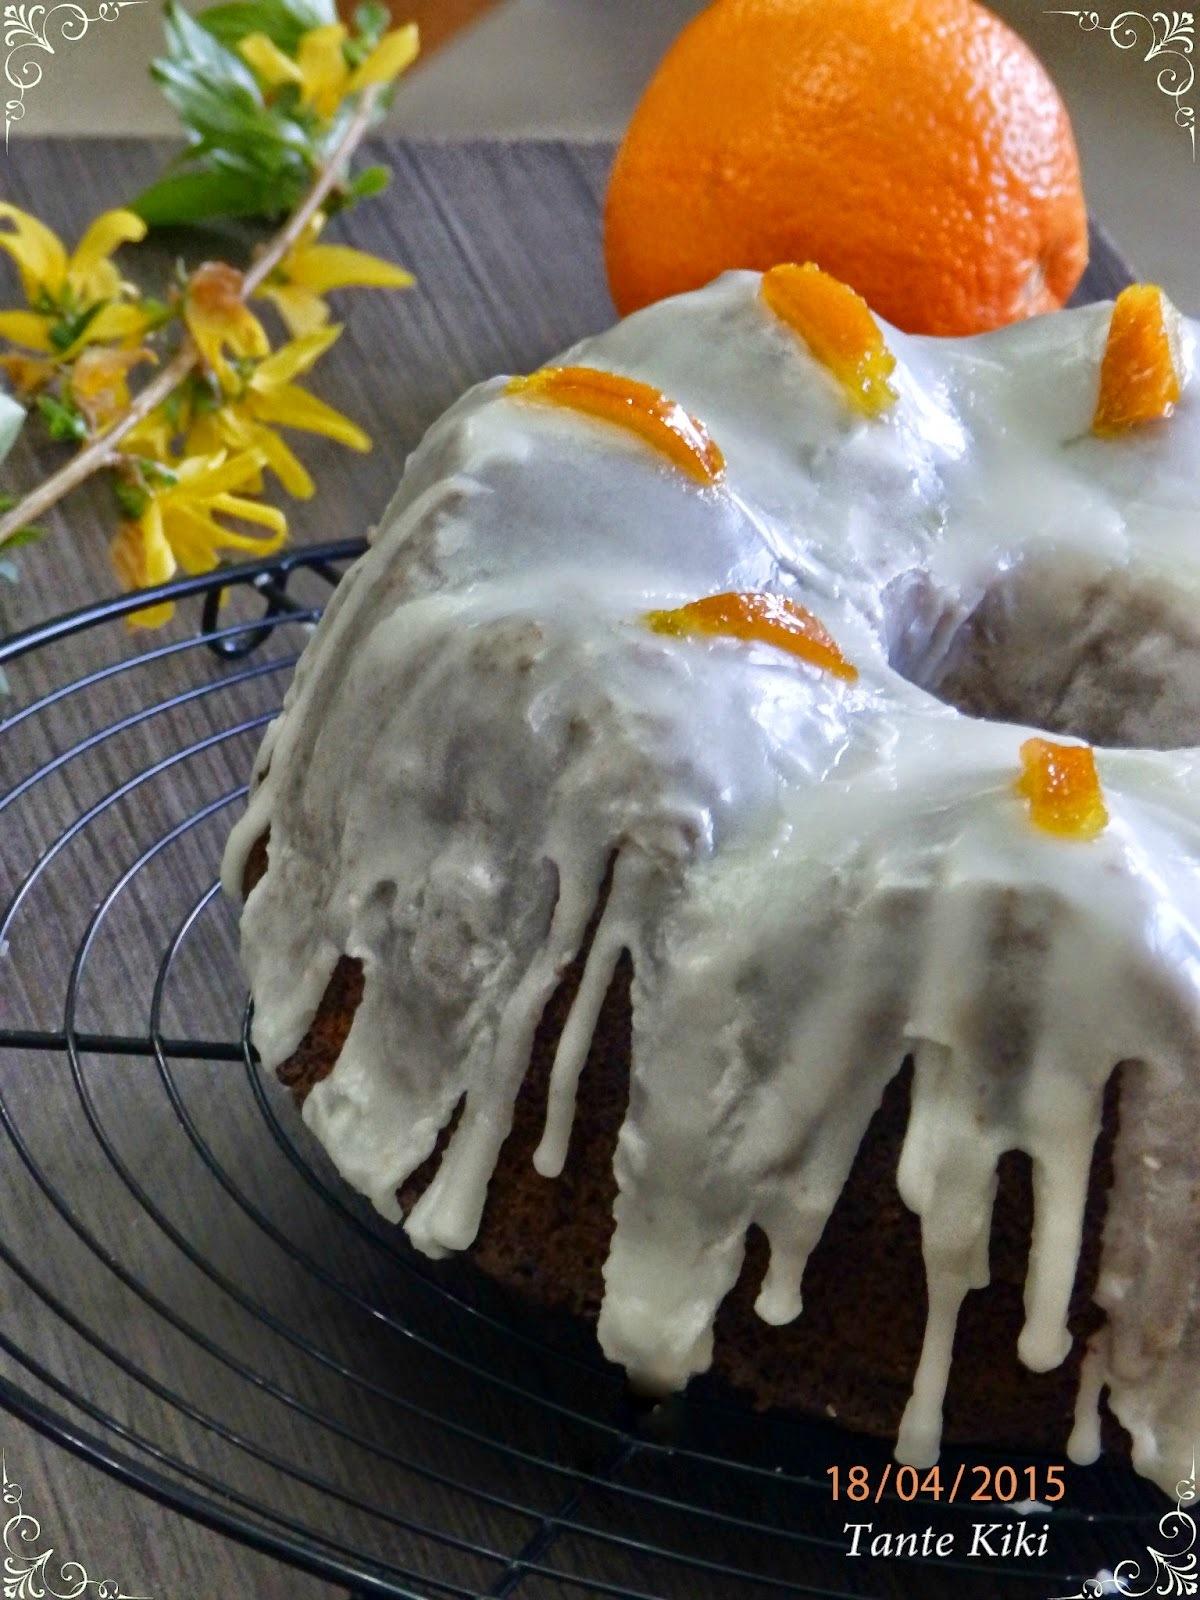 Κέικ πορτοκαλιού με παπαρουνόσπορο και γλάσο βουτύρου